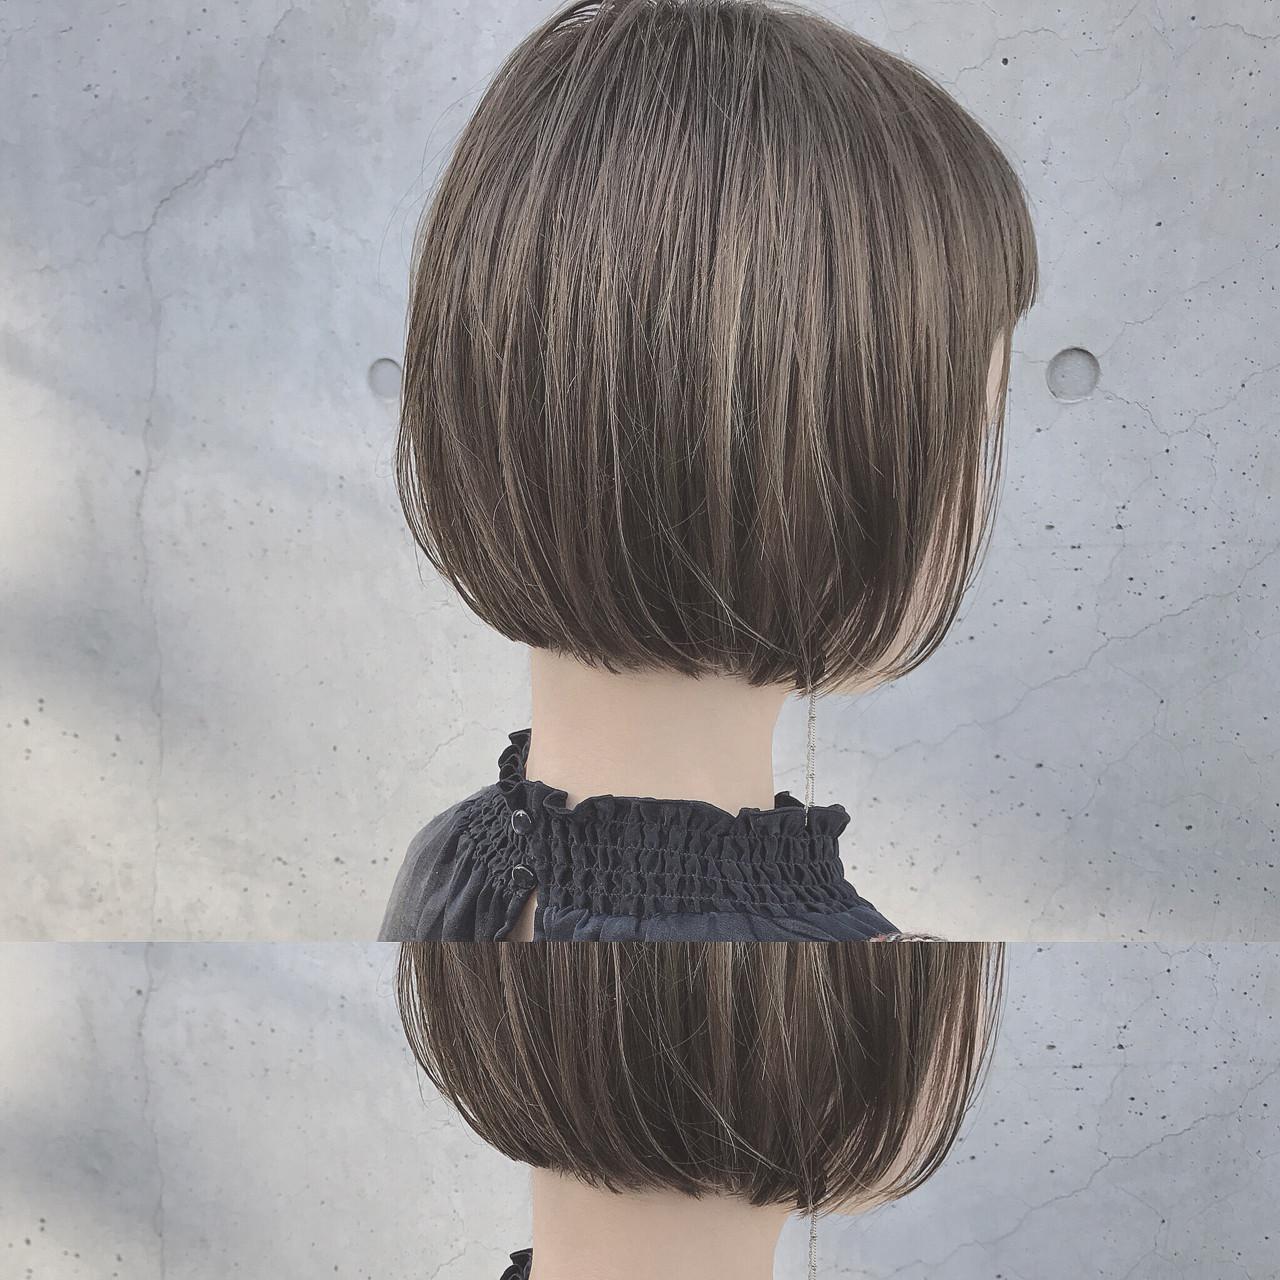 モード 外国人風 ストレート ハイライト ヘアスタイルや髪型の写真・画像